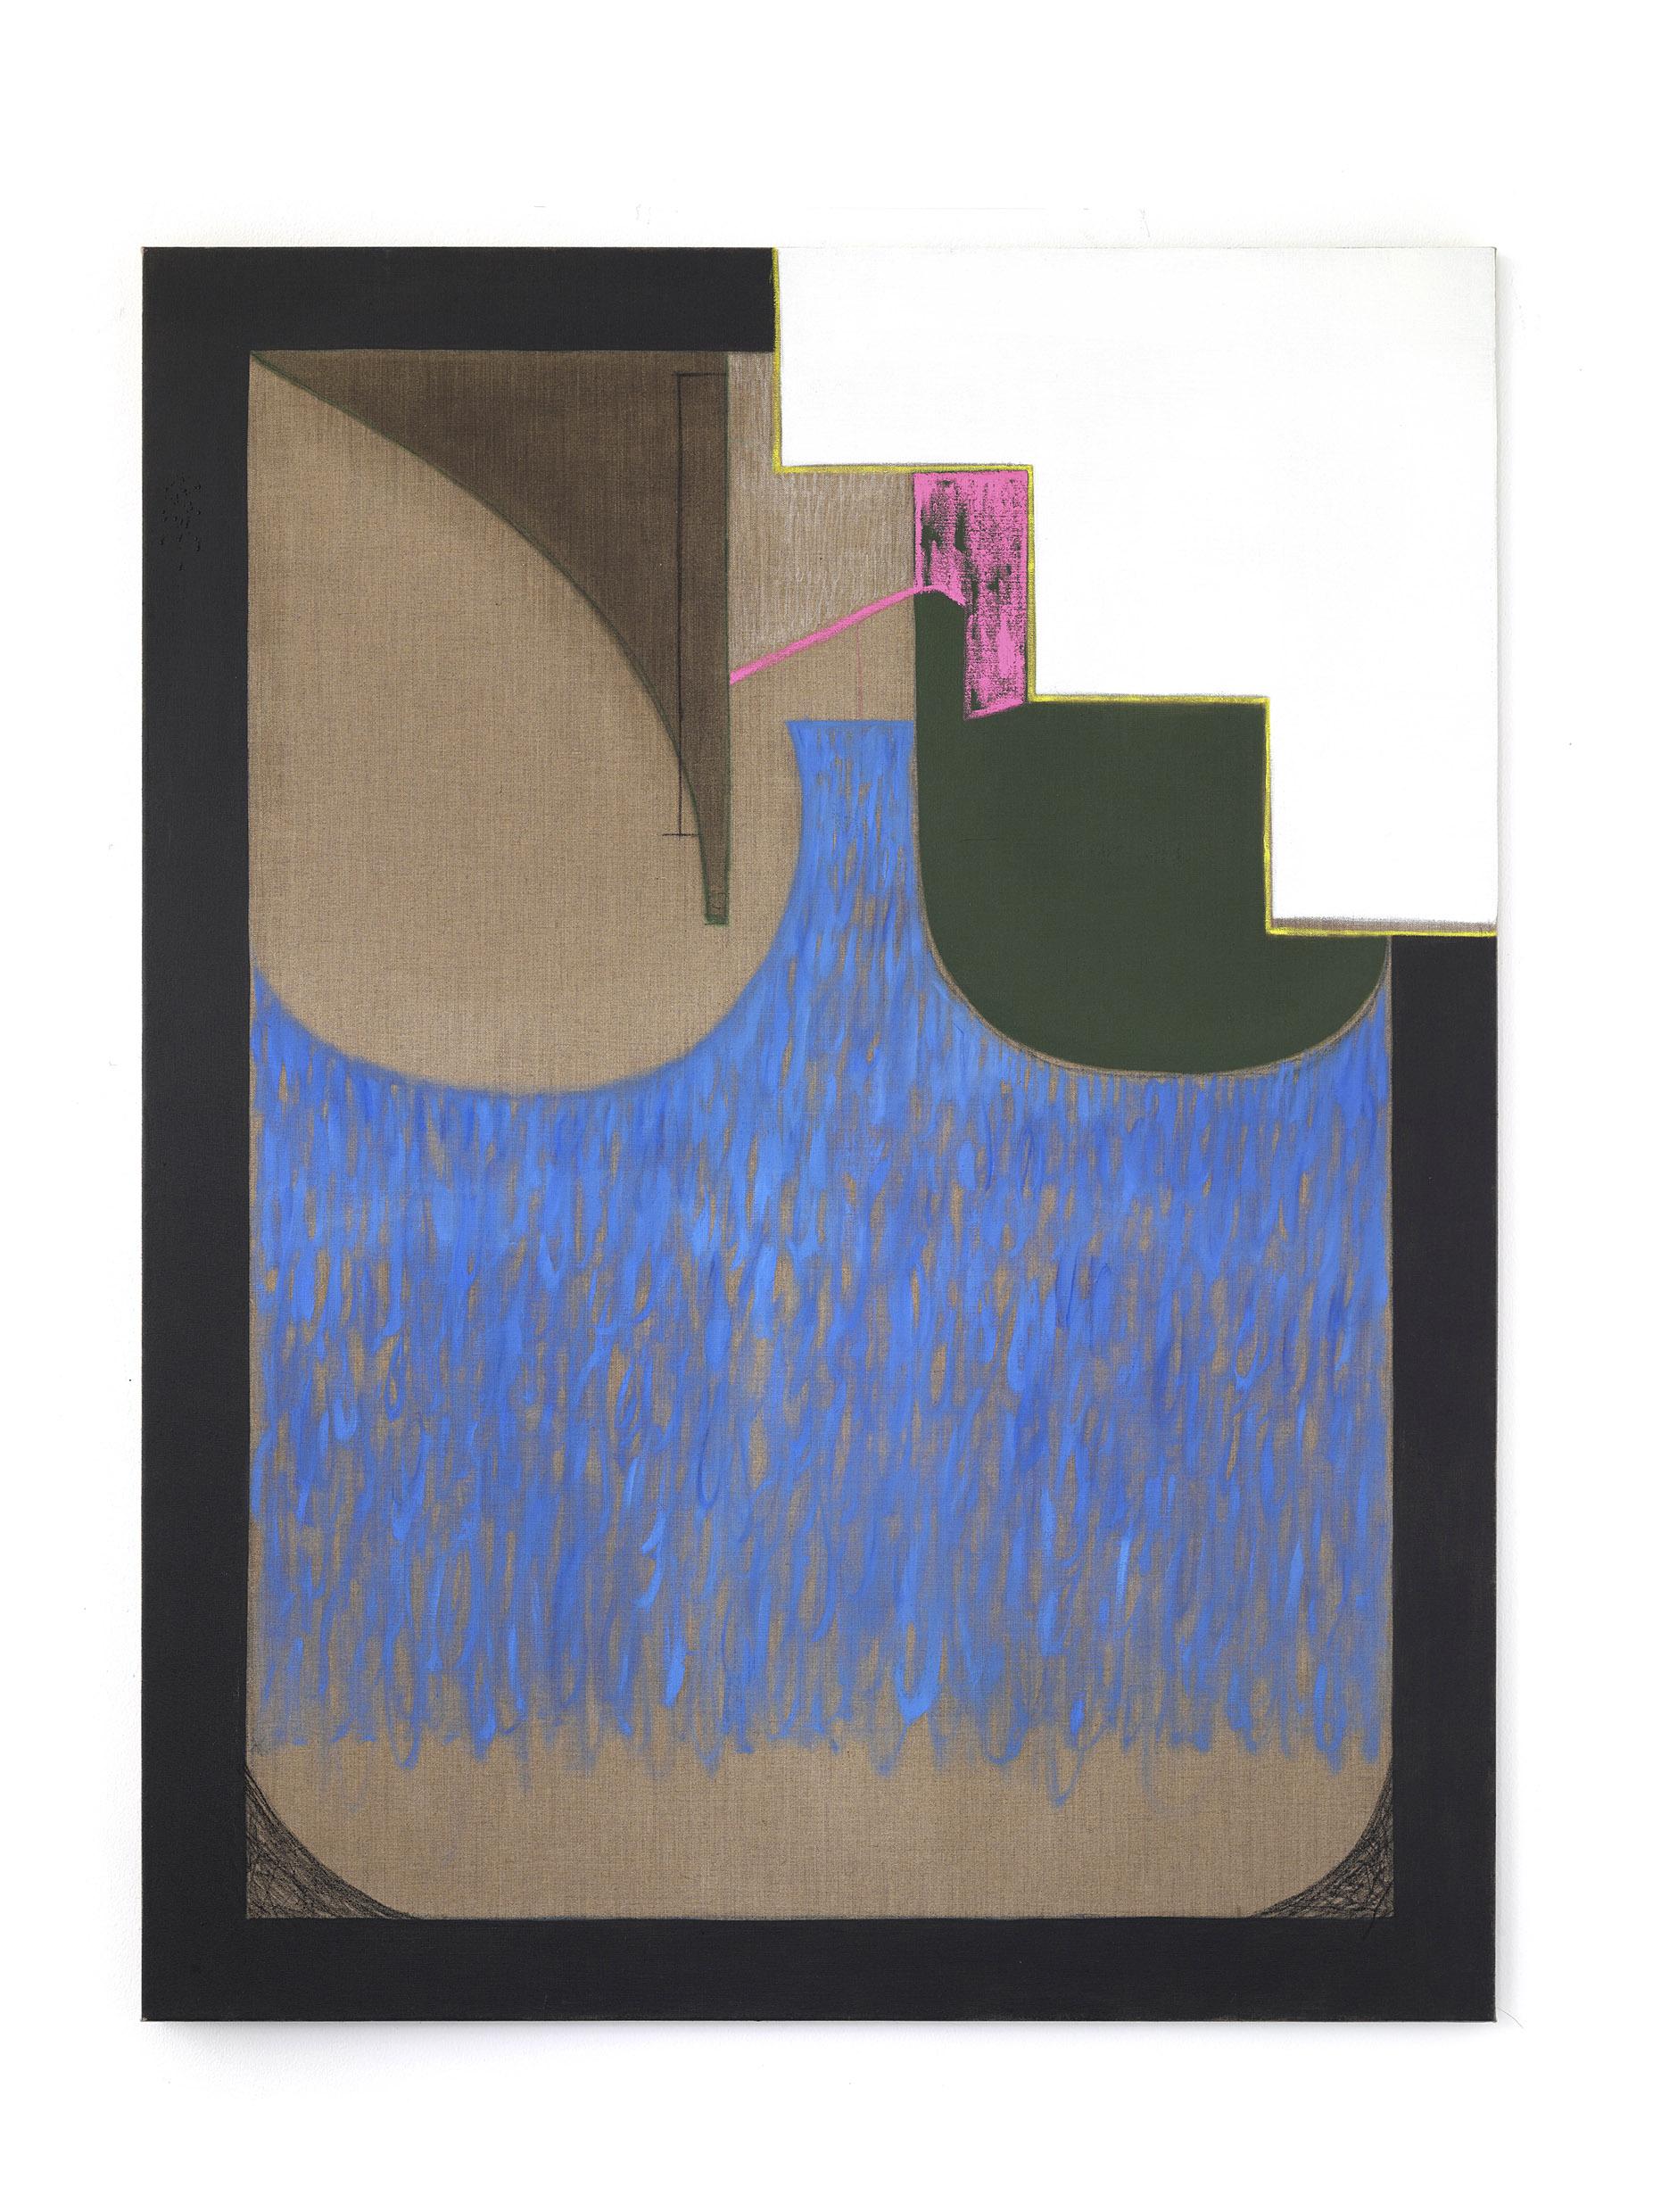 No title, oil,gouache,pastel on canvas,170x130cm, 2019